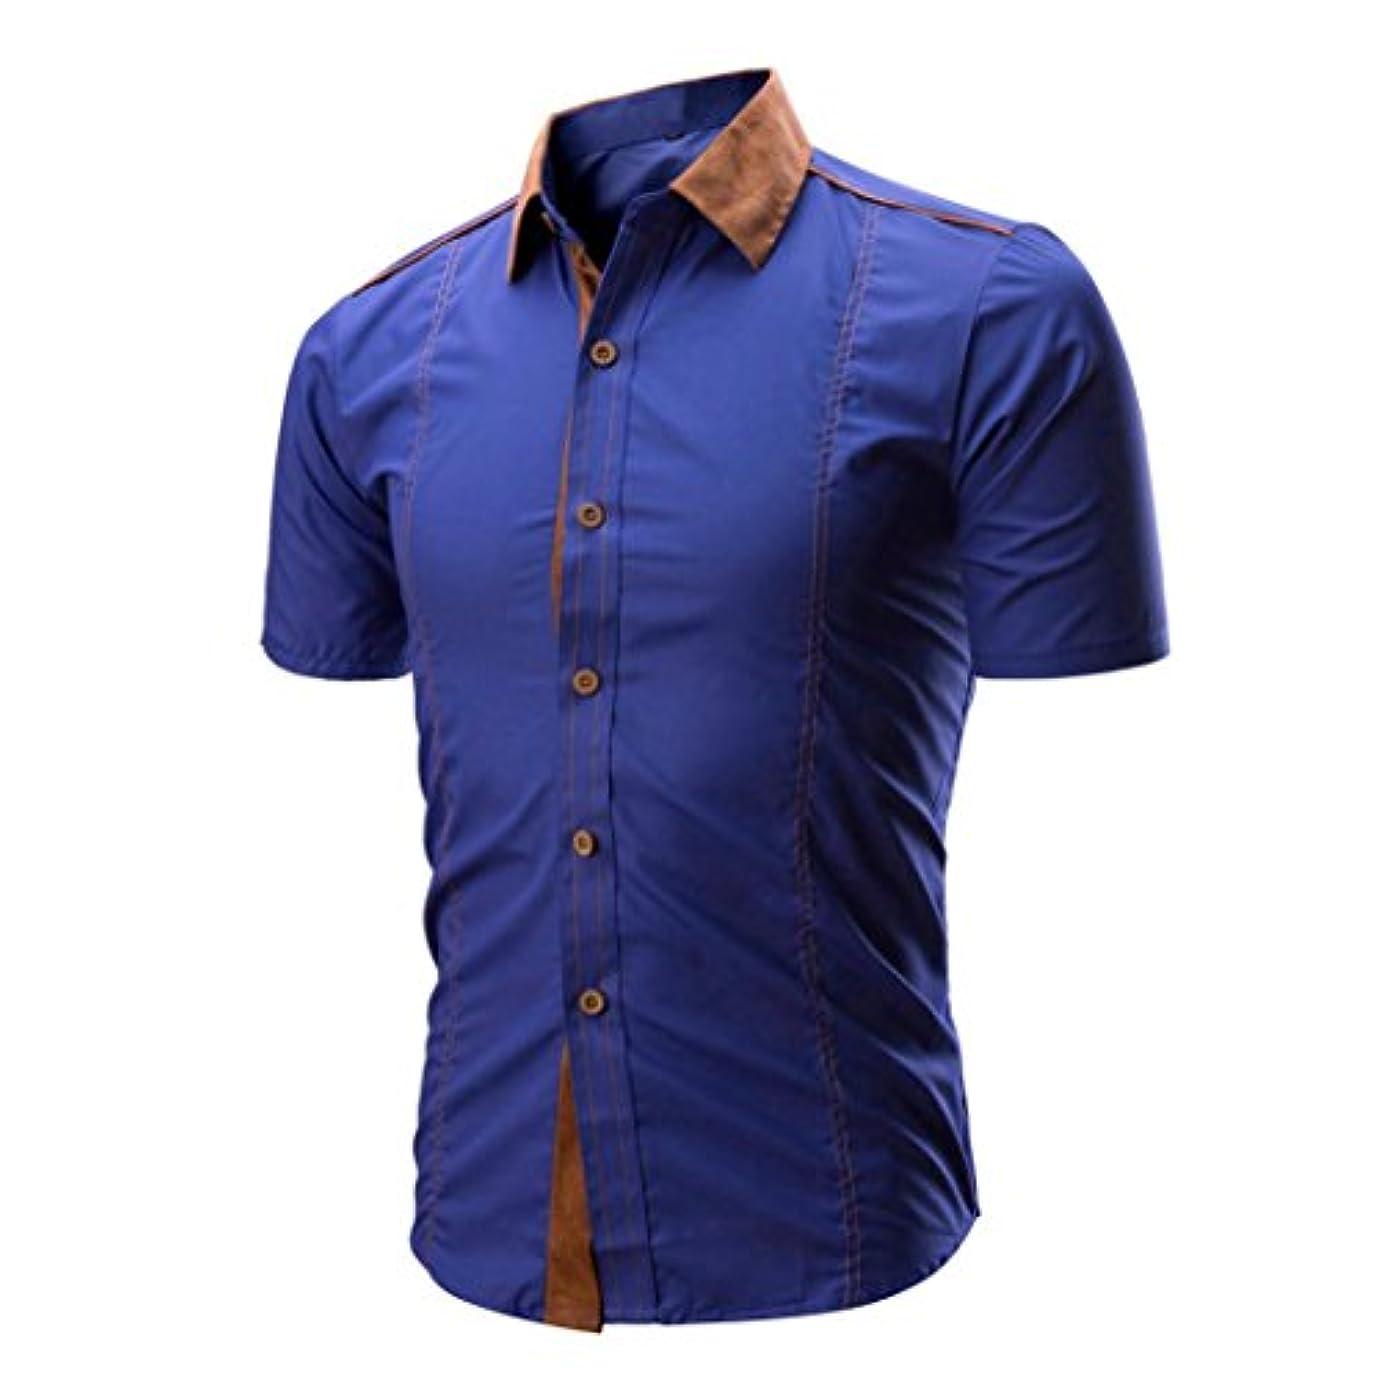 つなぐ遠足悪性のHUYB 大きいサイズ 無地 スリム ビジネス カジュアル シンプル シャツ男性用 折襟 おしゃれ無地 Tシャツ カラー スプライス ベーシックメンズ シャツ